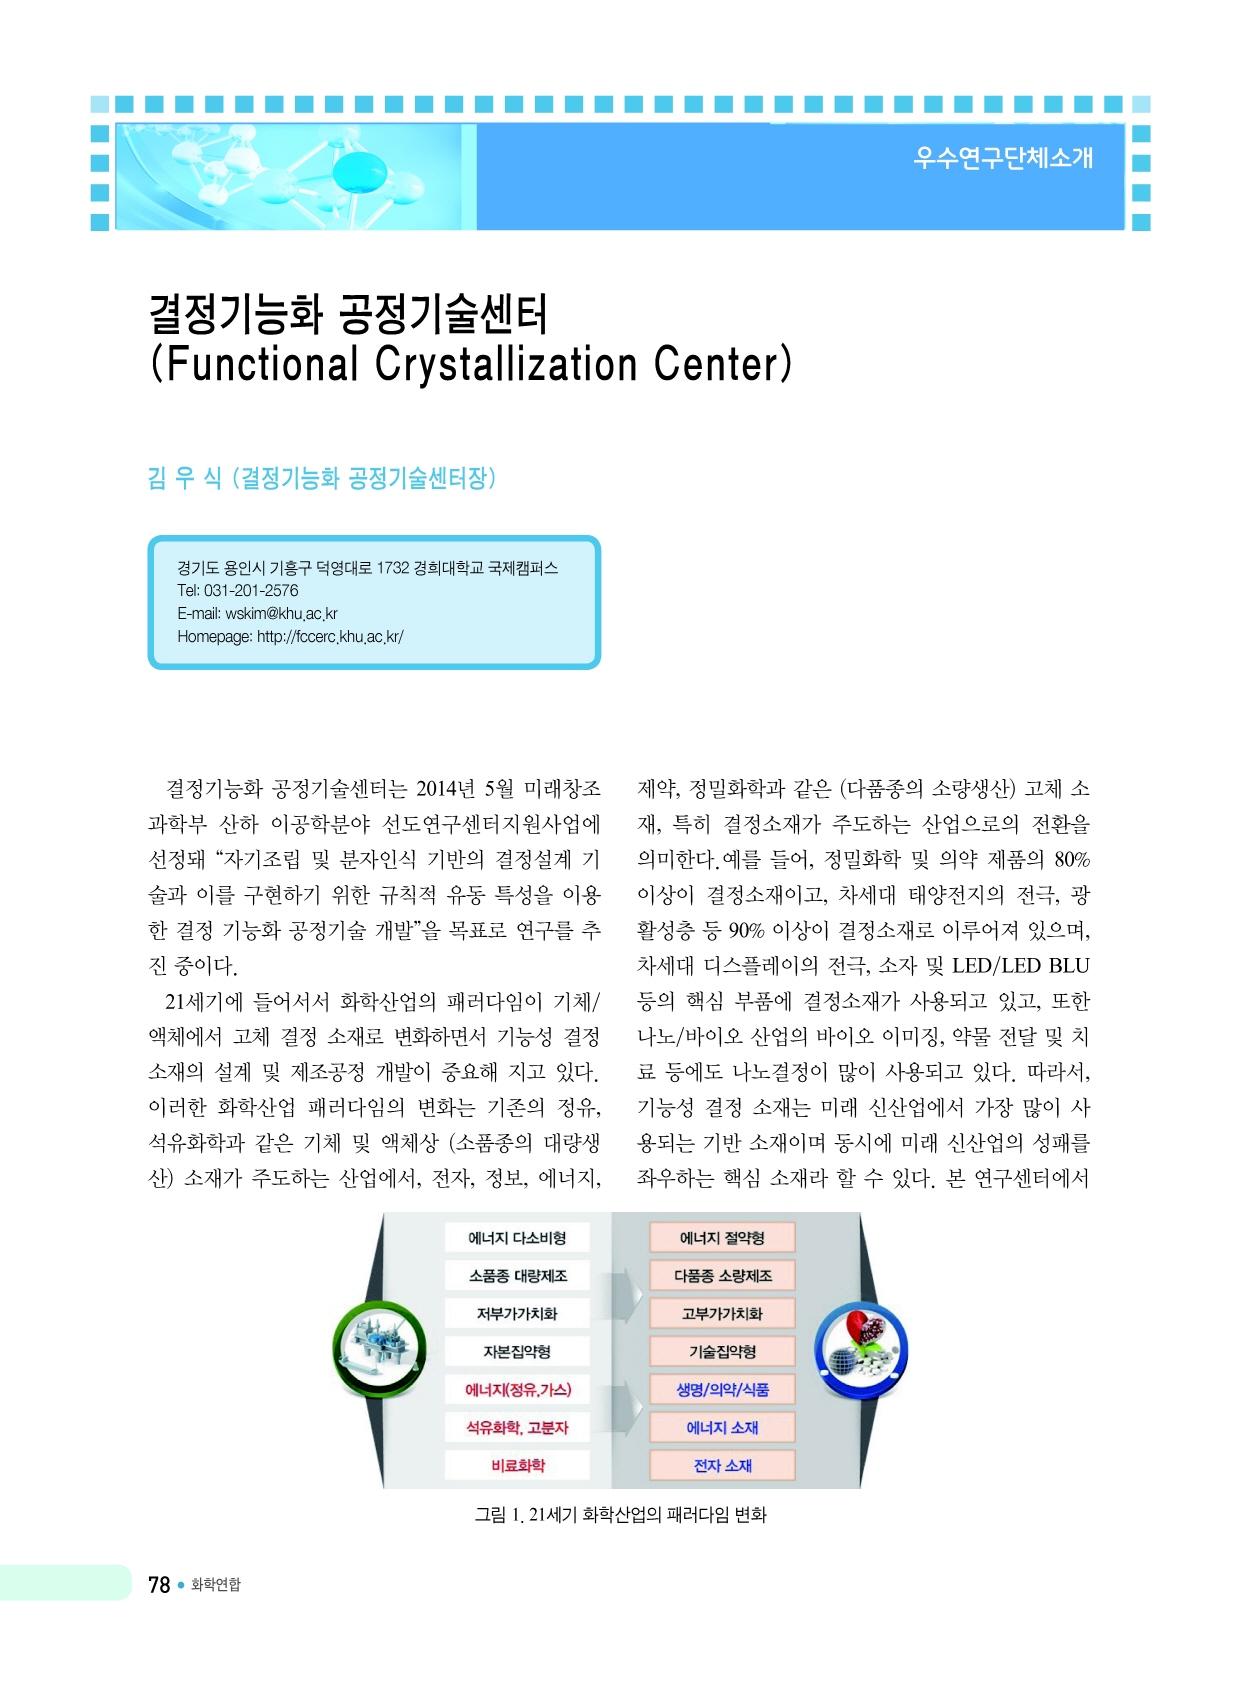 한국화학관련학회연합회_화학연합 8권1호_우수연구단체소개_1.jpg